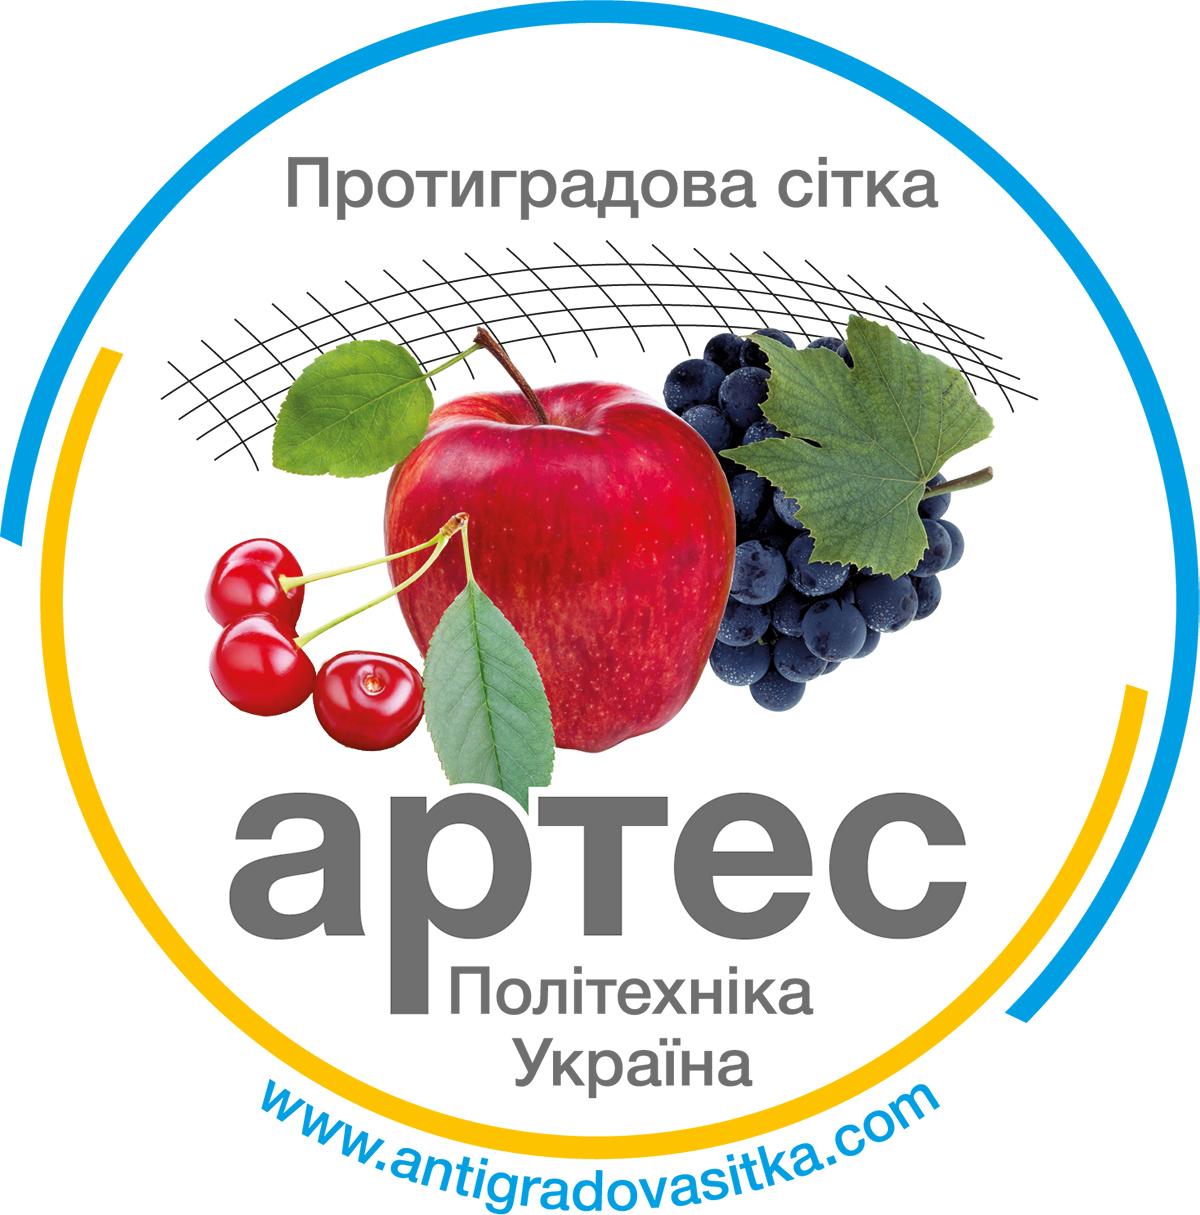 Артес Політехніка Україна